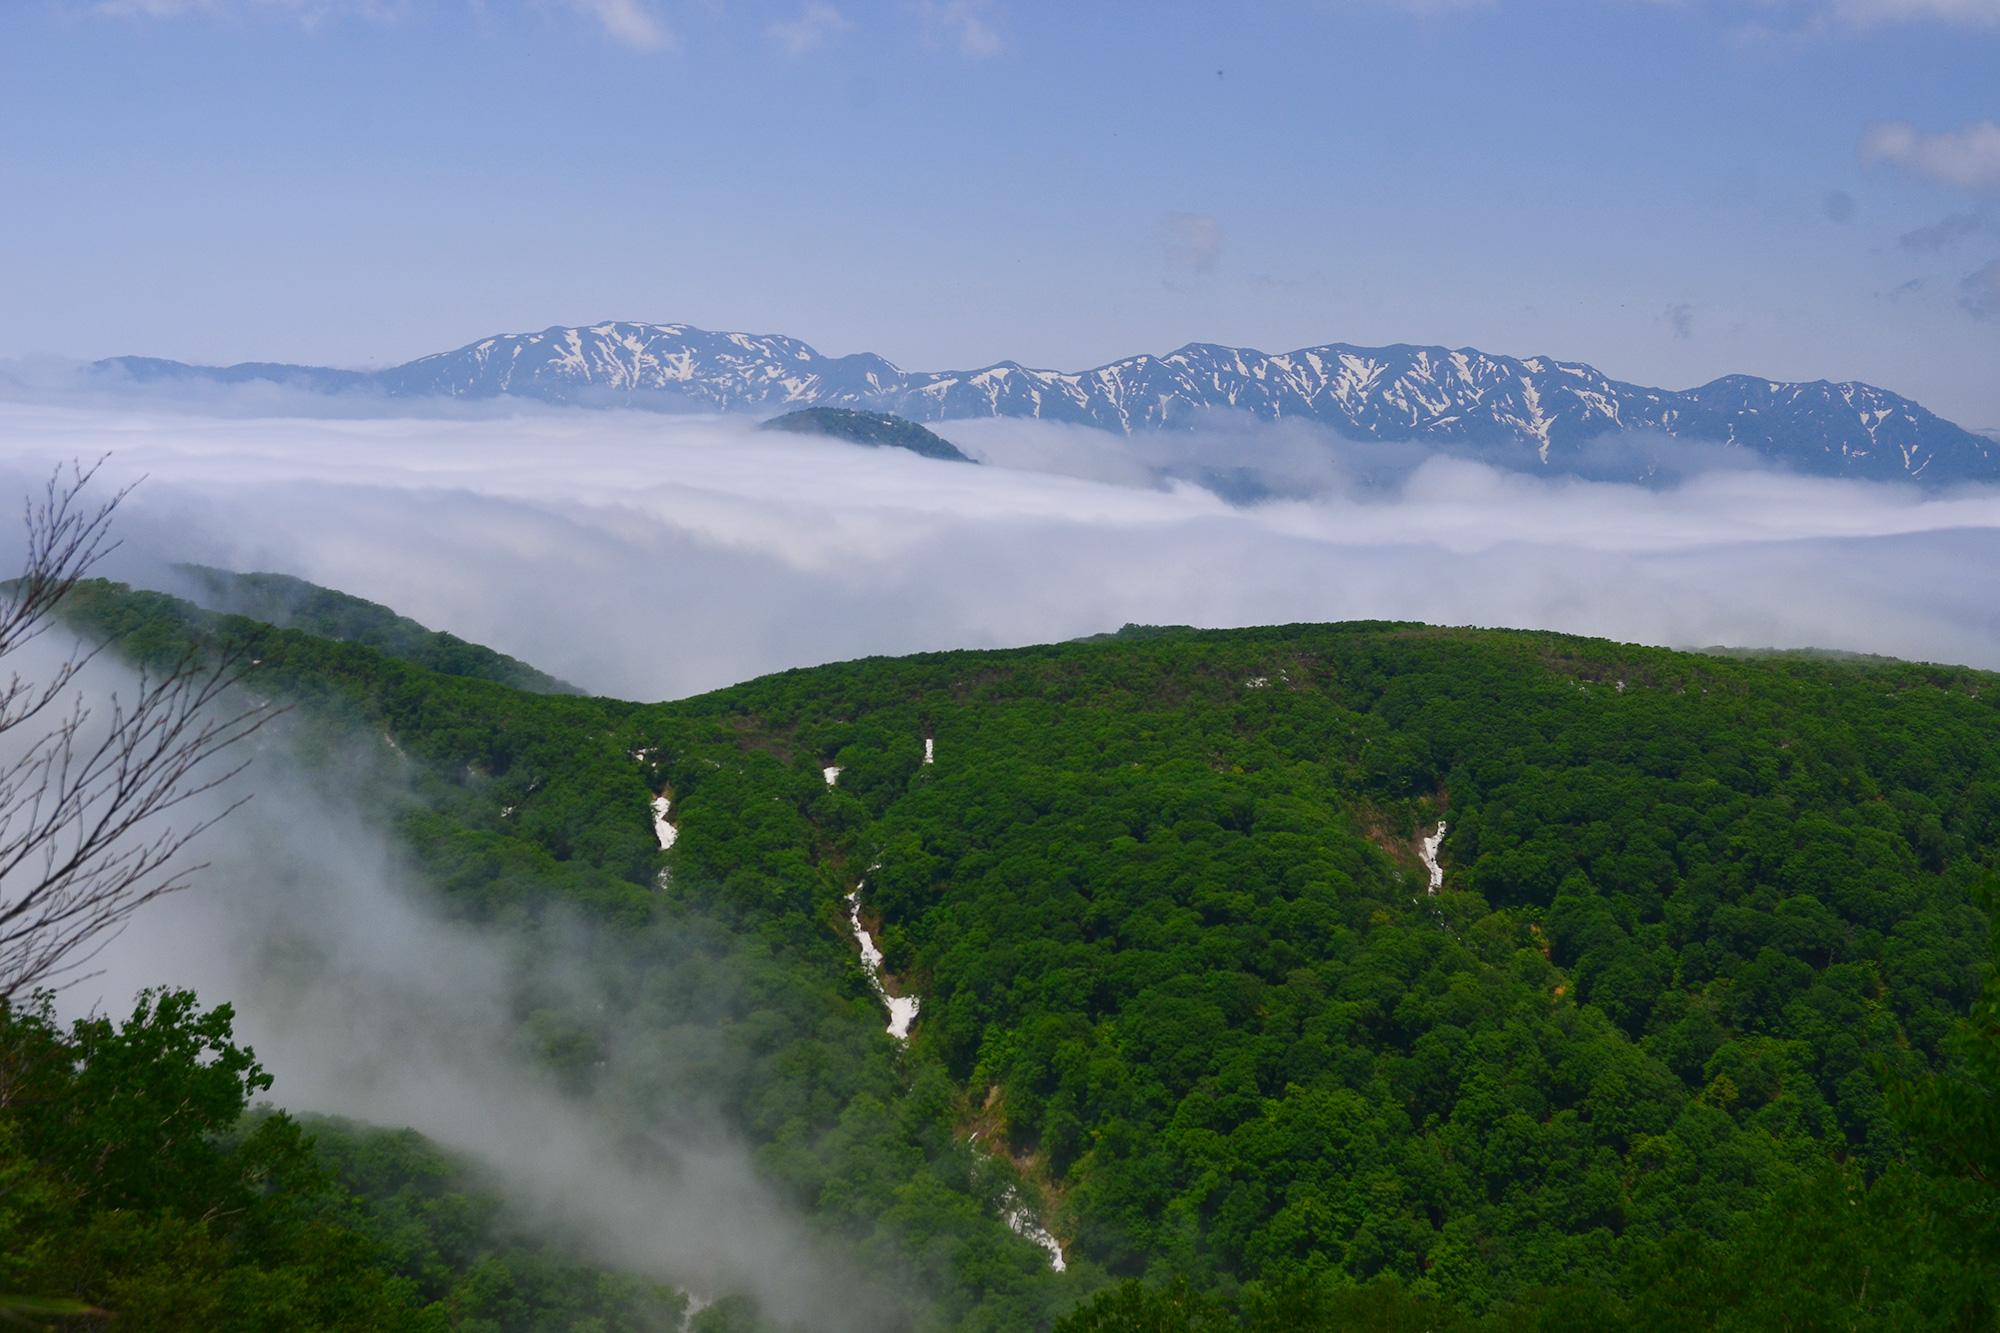 第4回山の日記念登山 ~深緑の白神山地ど真ん中!~